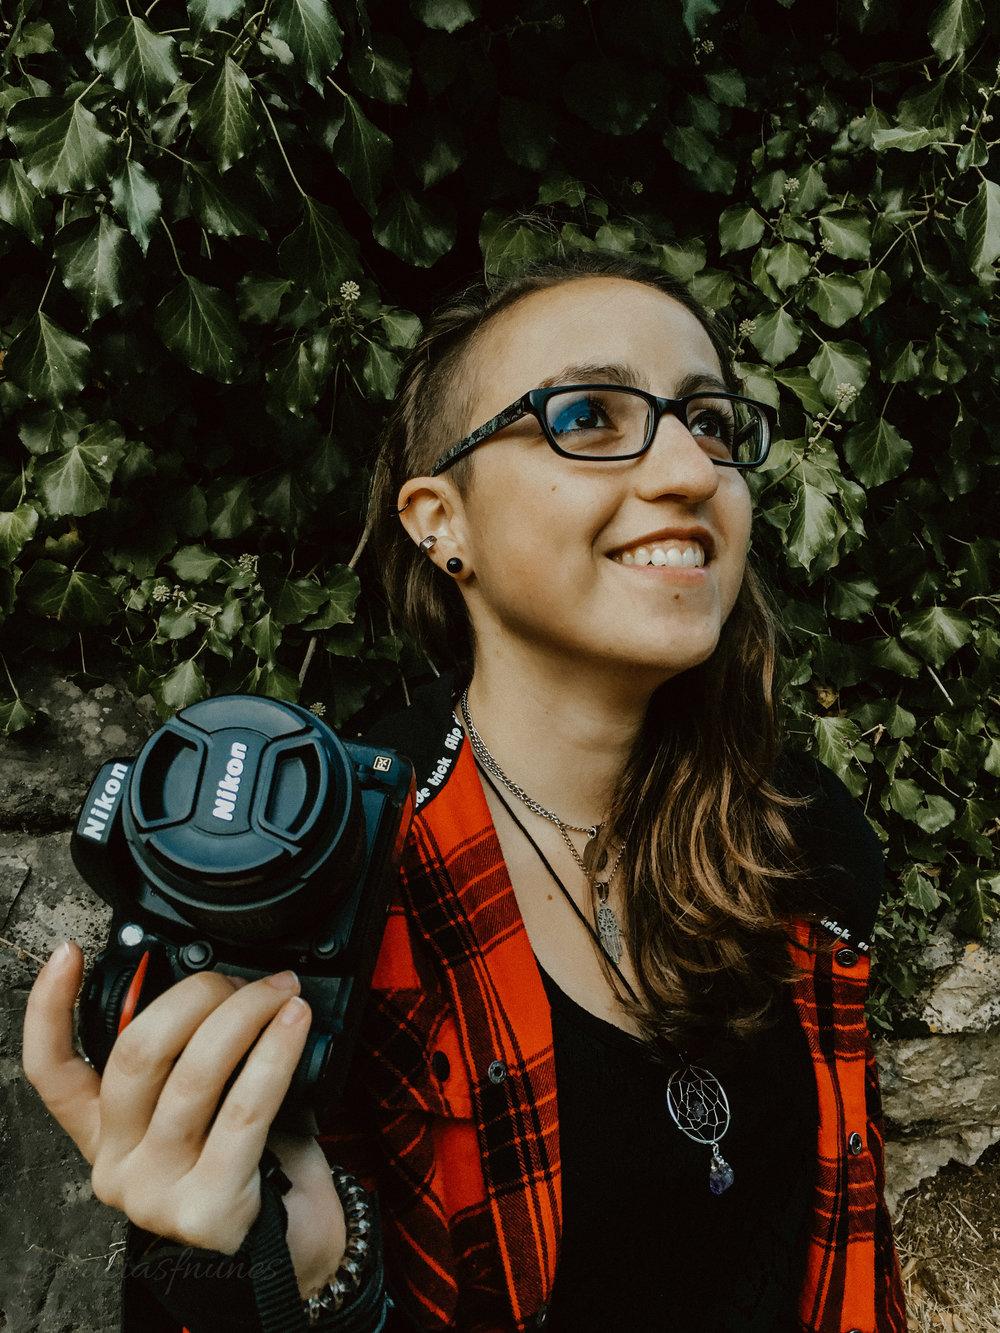 Patrícia - CEO & Founder - De espírito livre e jovem, a Patrícia é uma das caras por detrás da Borderland® e é responsável por toda a parte administrativa. Quando deixa a secretária é também fotógrafa, content creator, social media manager, cenógrafa e designer. Sempre que necessário acompanha também o photobooth e gosta de animar a malta sempre com um sorriso na cara.